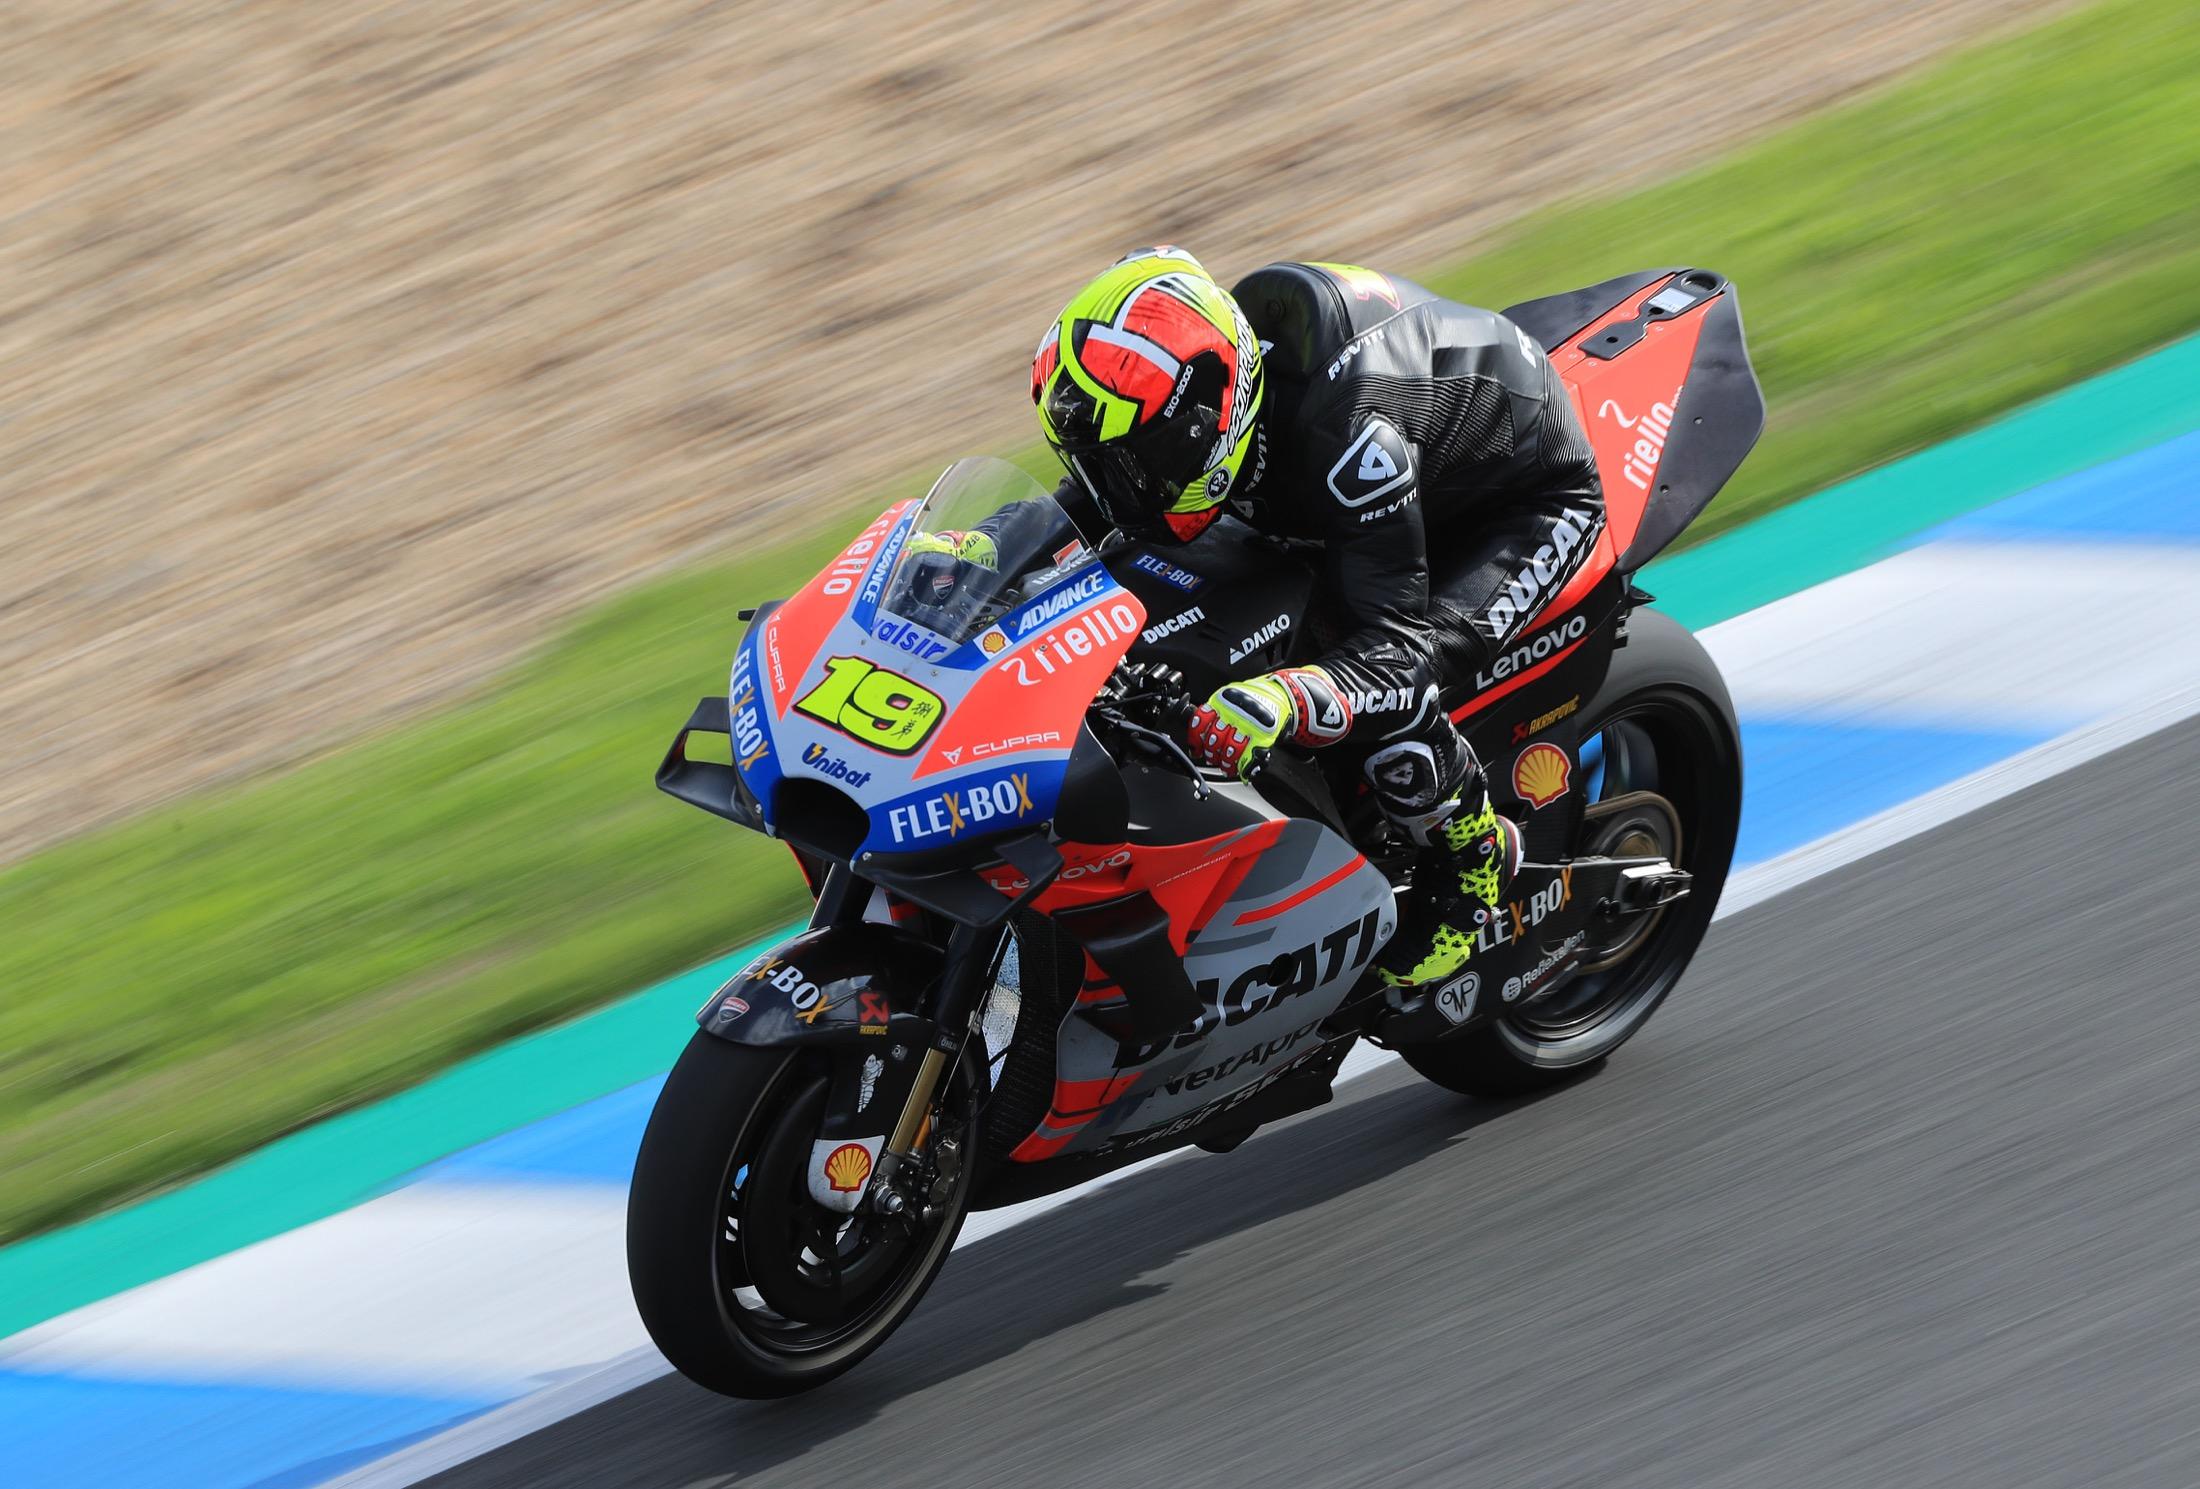 Más experimentos de Dall'Igna con la Ducati de MotoGP